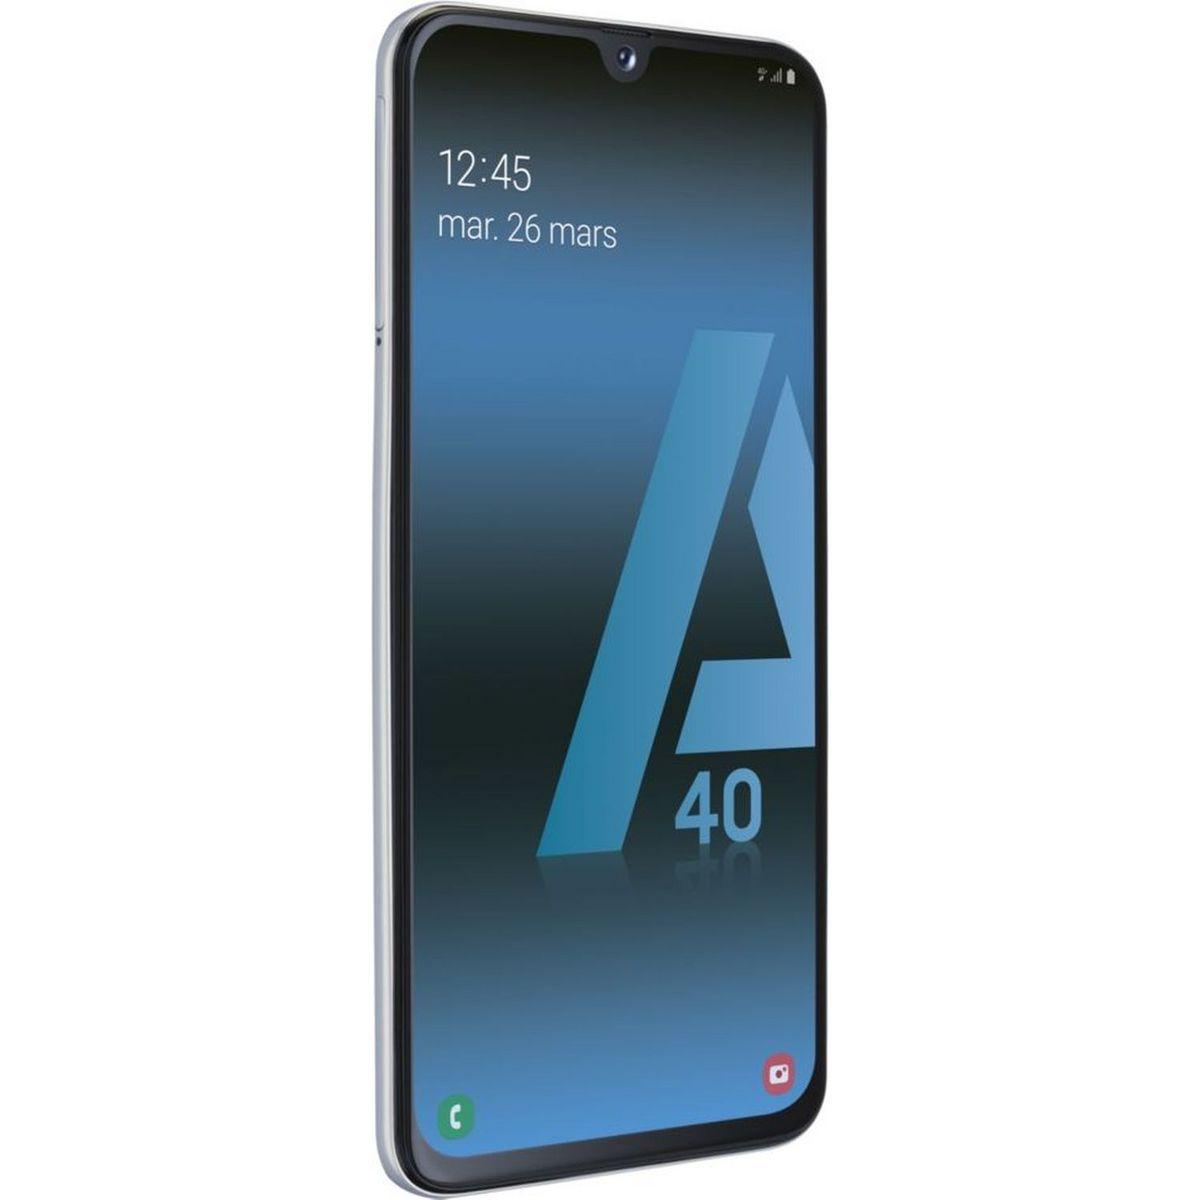 SAMSUNG Smartphone GALAXY A40  64 Go 5.9 pouces 4G Blanc + Batterie de secours UrbanFactory Blanc